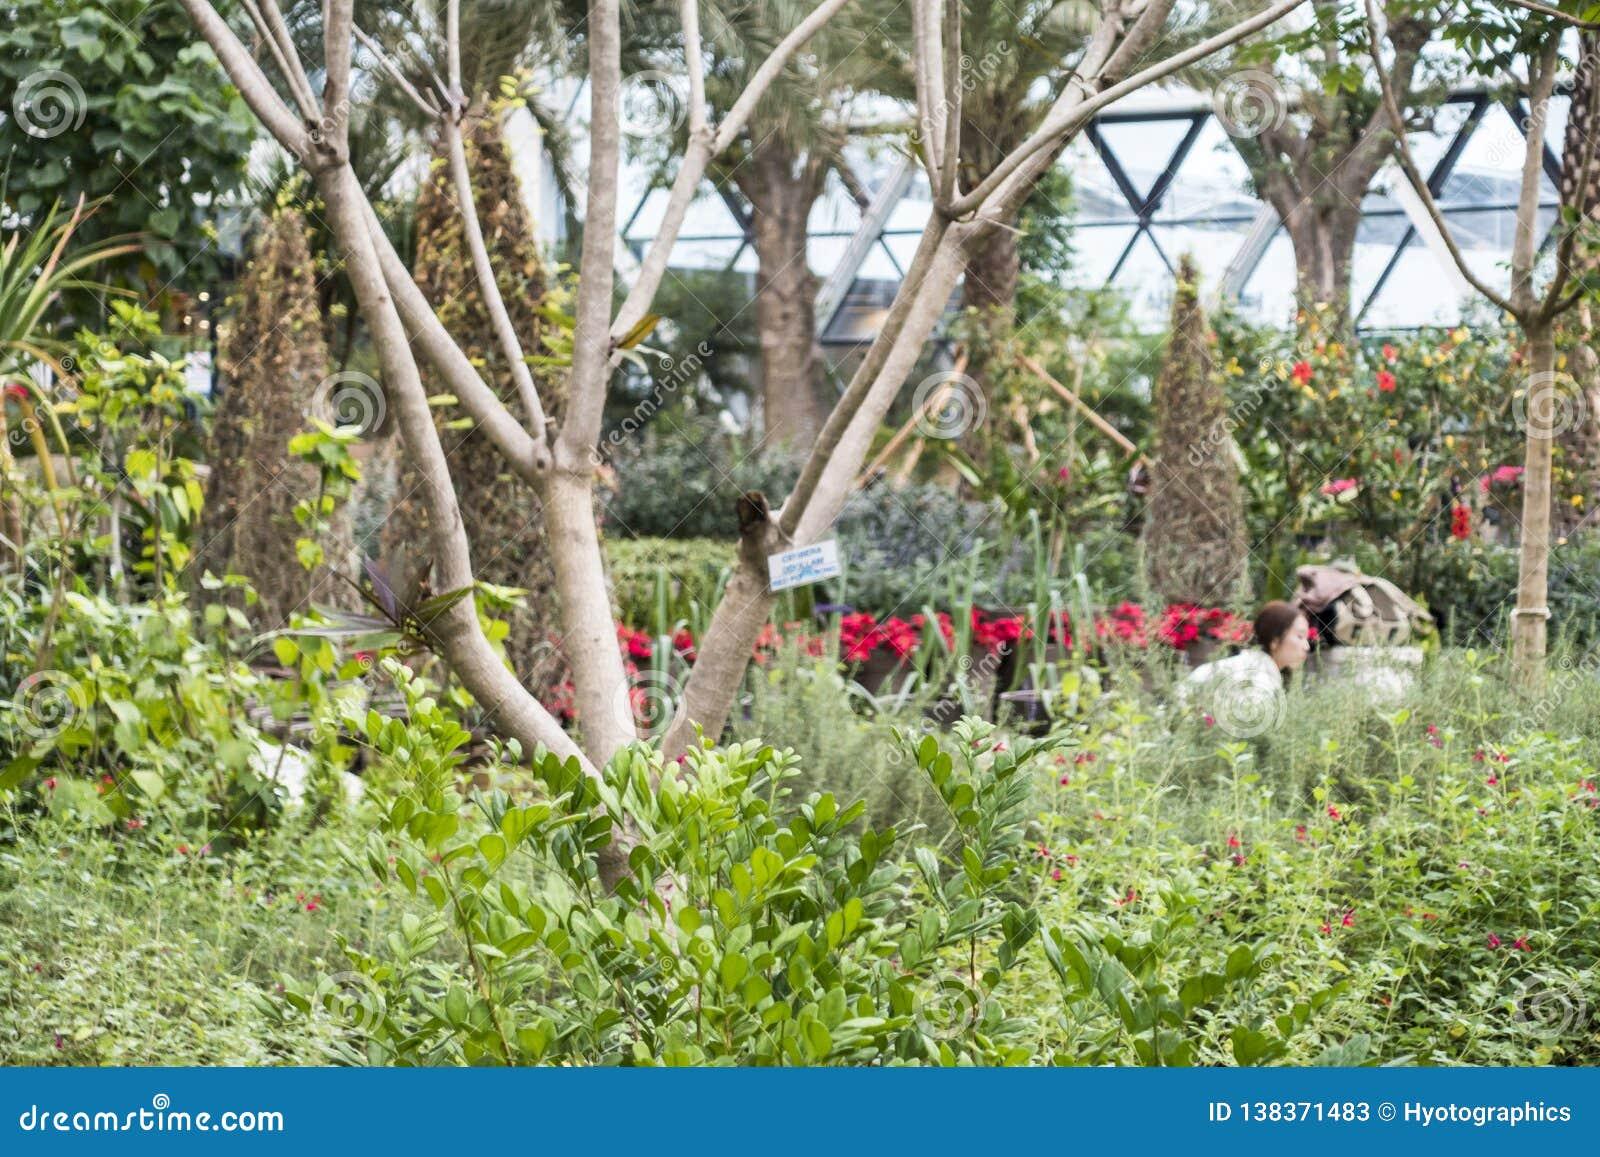 Séoul, Corée du Sud - 4 février 2019 : à l intérieur de la vue de la serre chaude du parc botanique de Séoul, Séoul, Corée du Sud